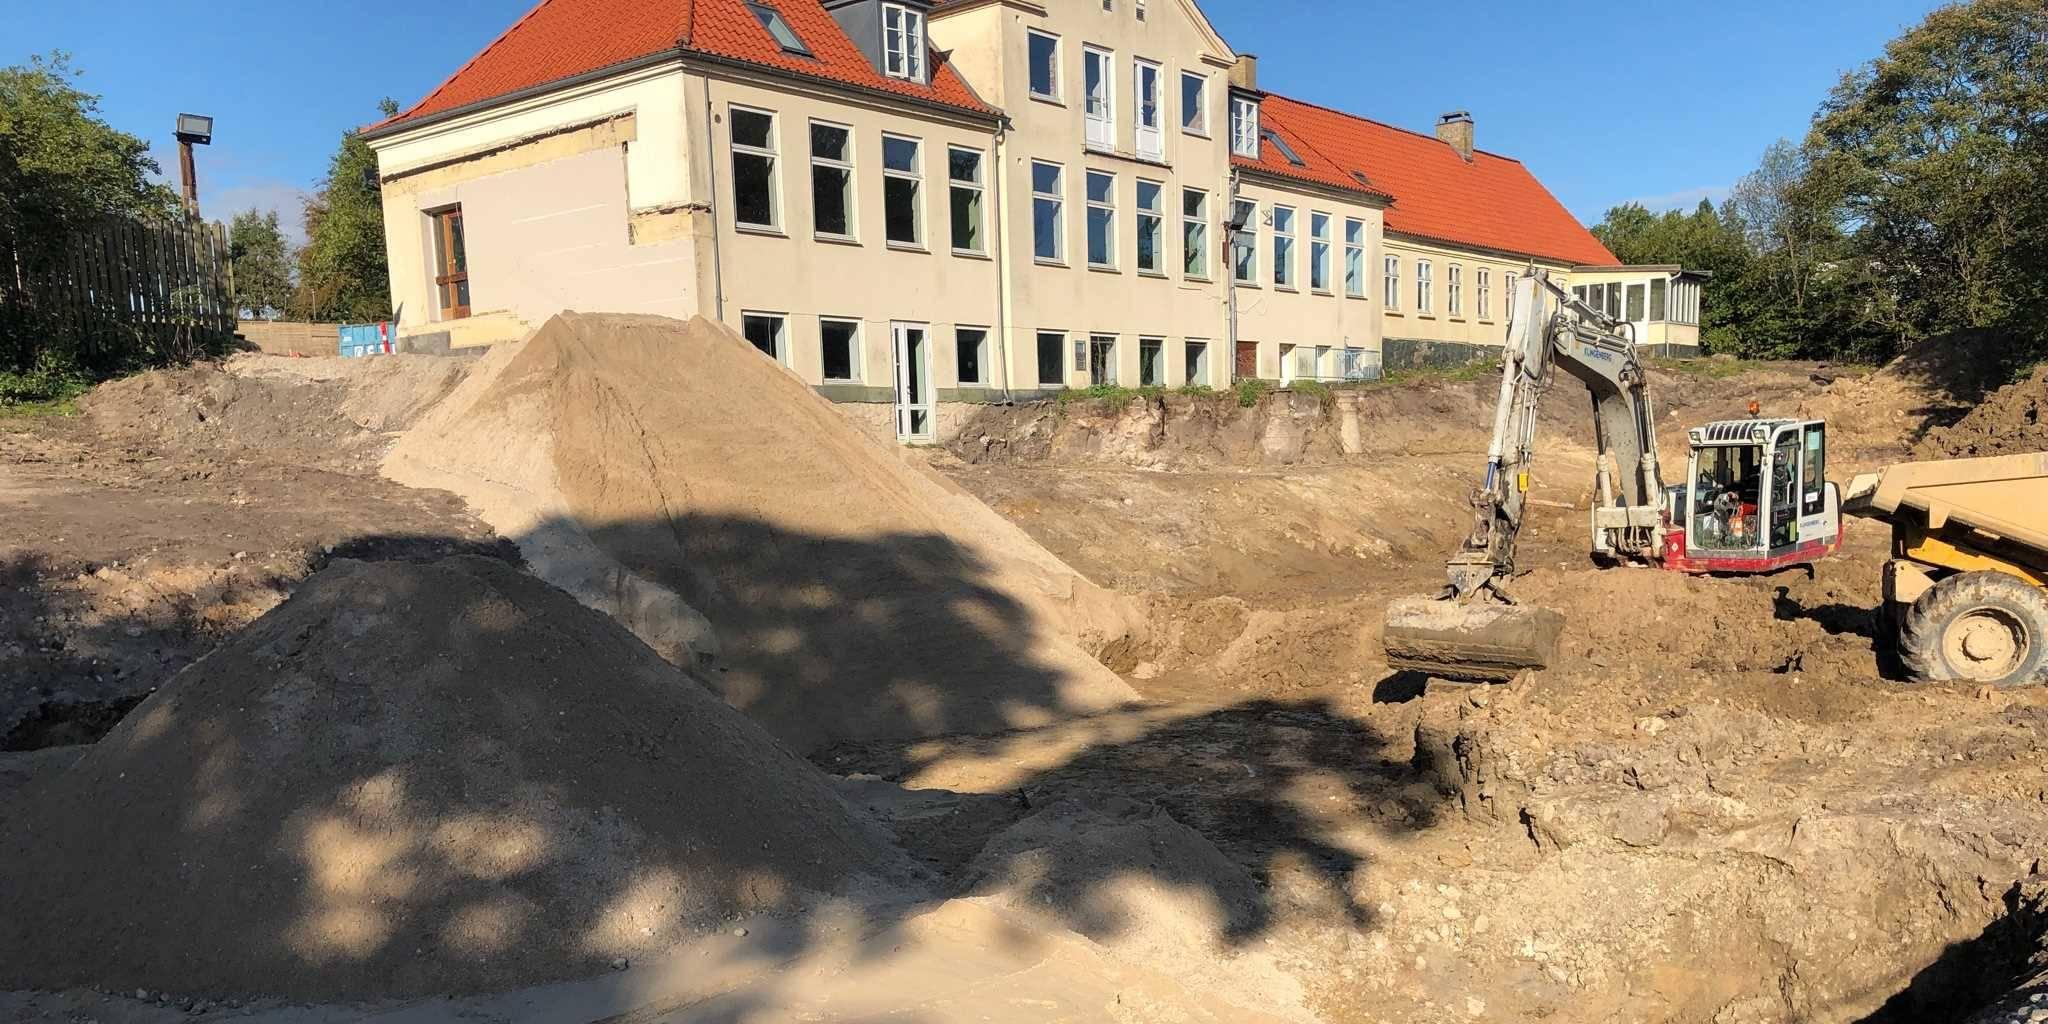 Klingenberg står blandt andet for opbygning af sandpude til den nye skole i lejre